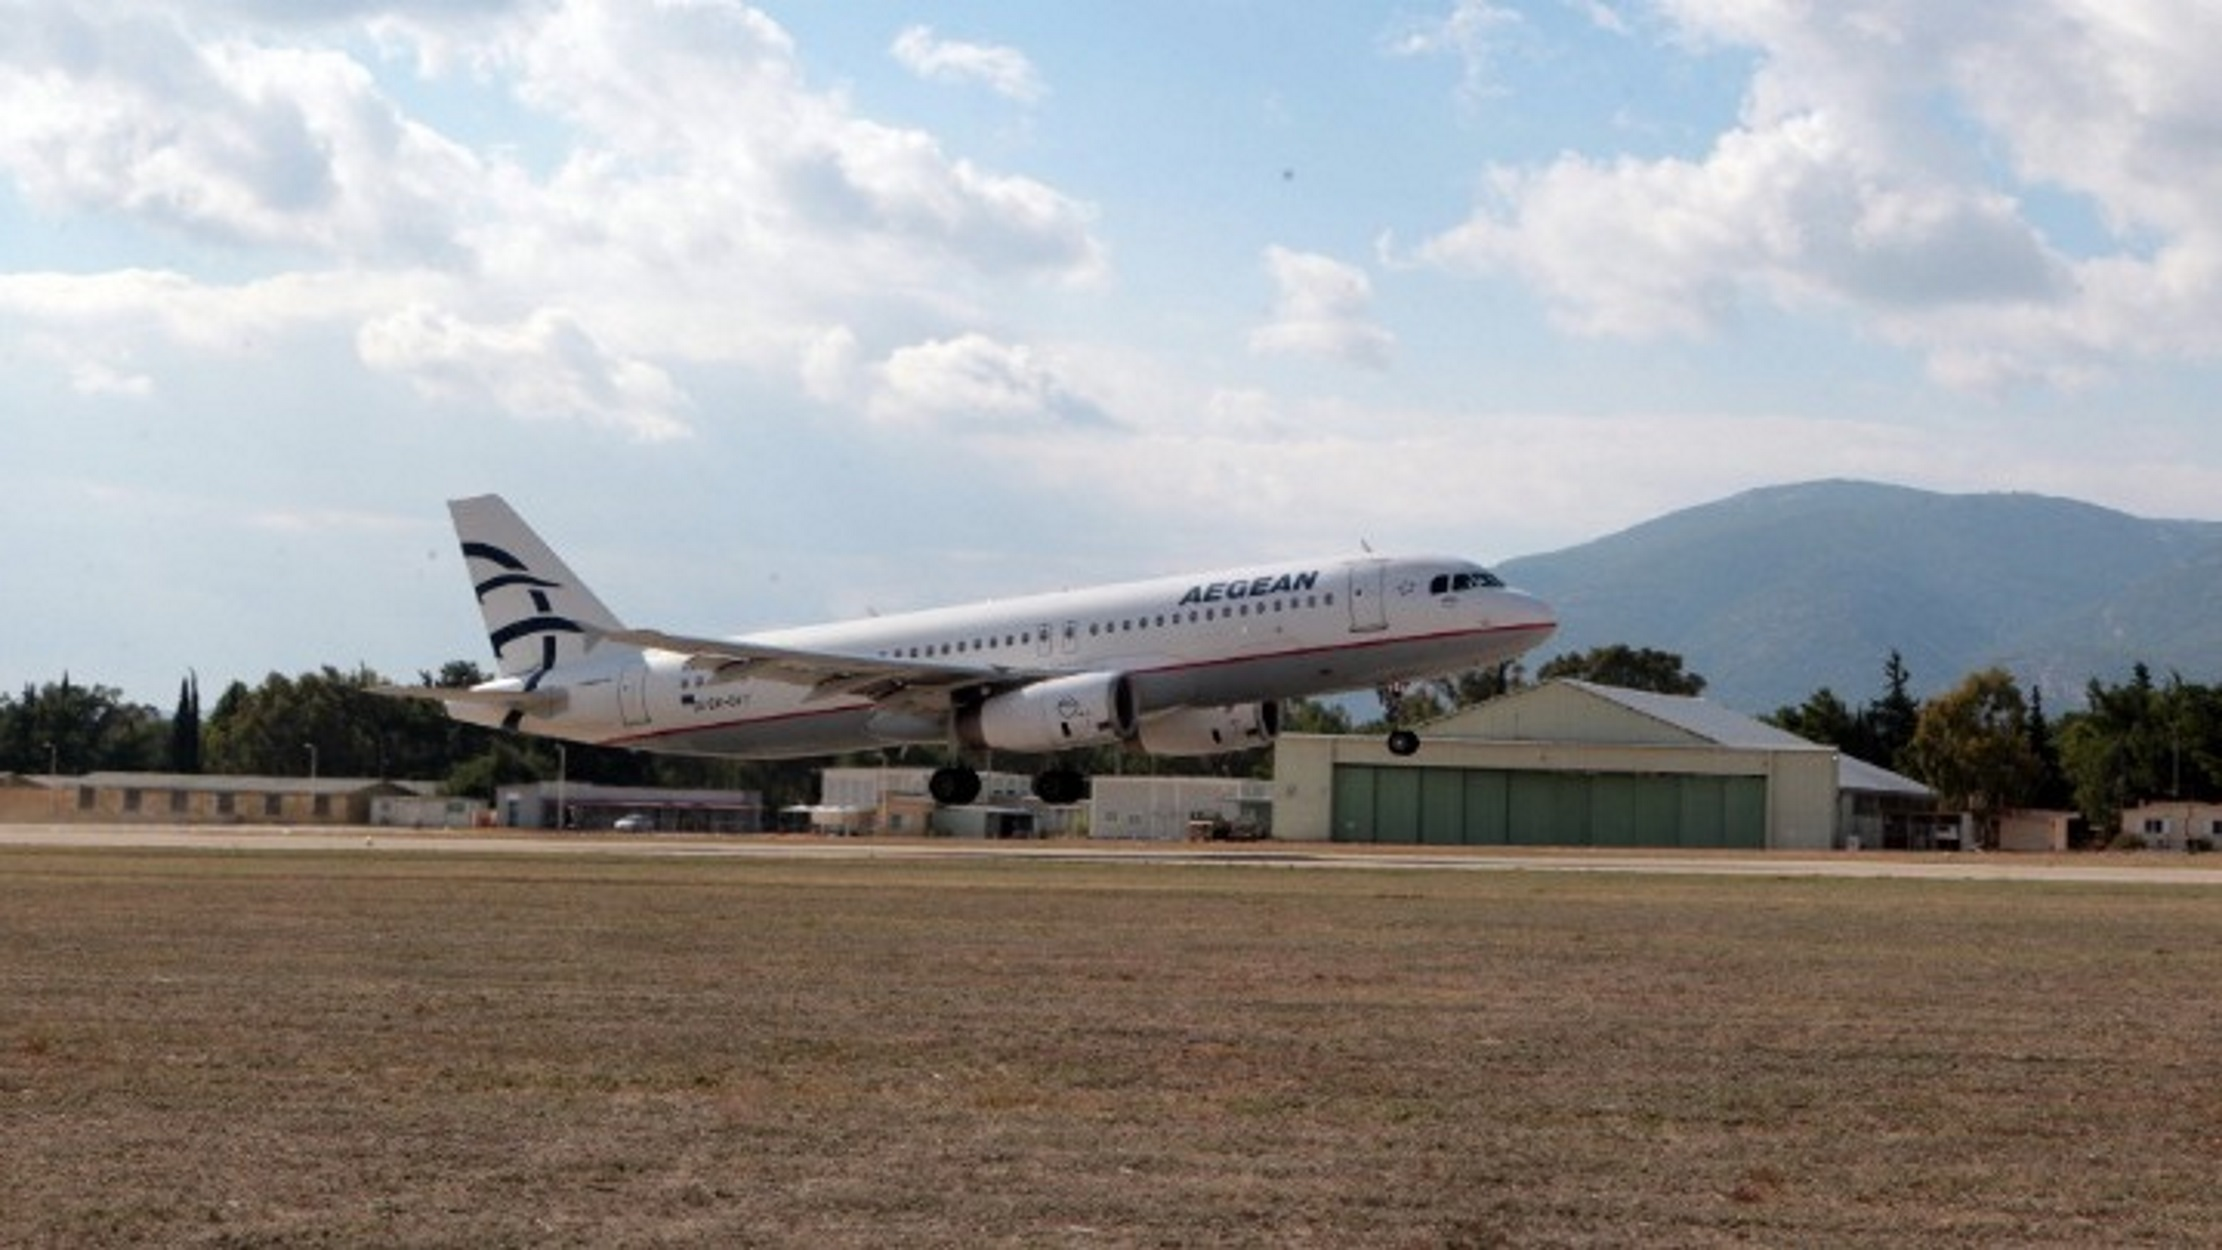 Ακυρώσεις και τροποποιήσεις πτήσεων αύριο και την Πέμπτη – Αναλυτικά το πρόγραμμα